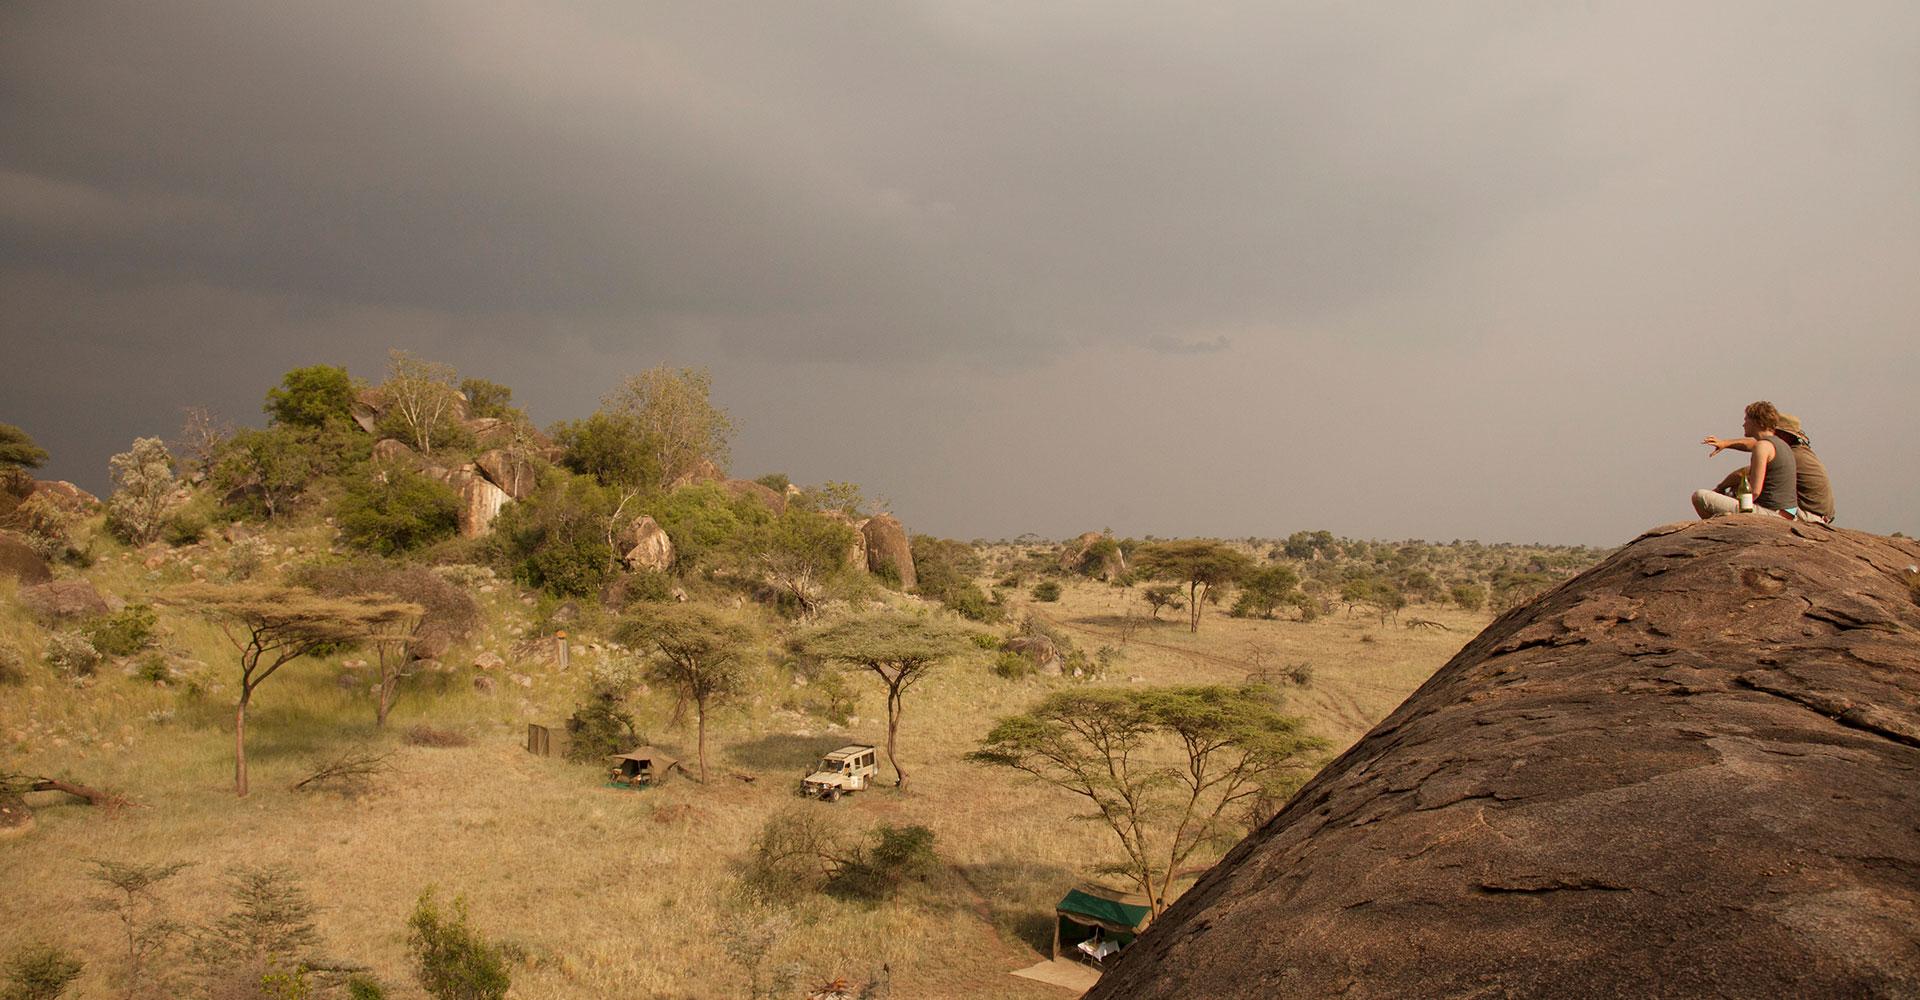 Serengeti View Of Camp